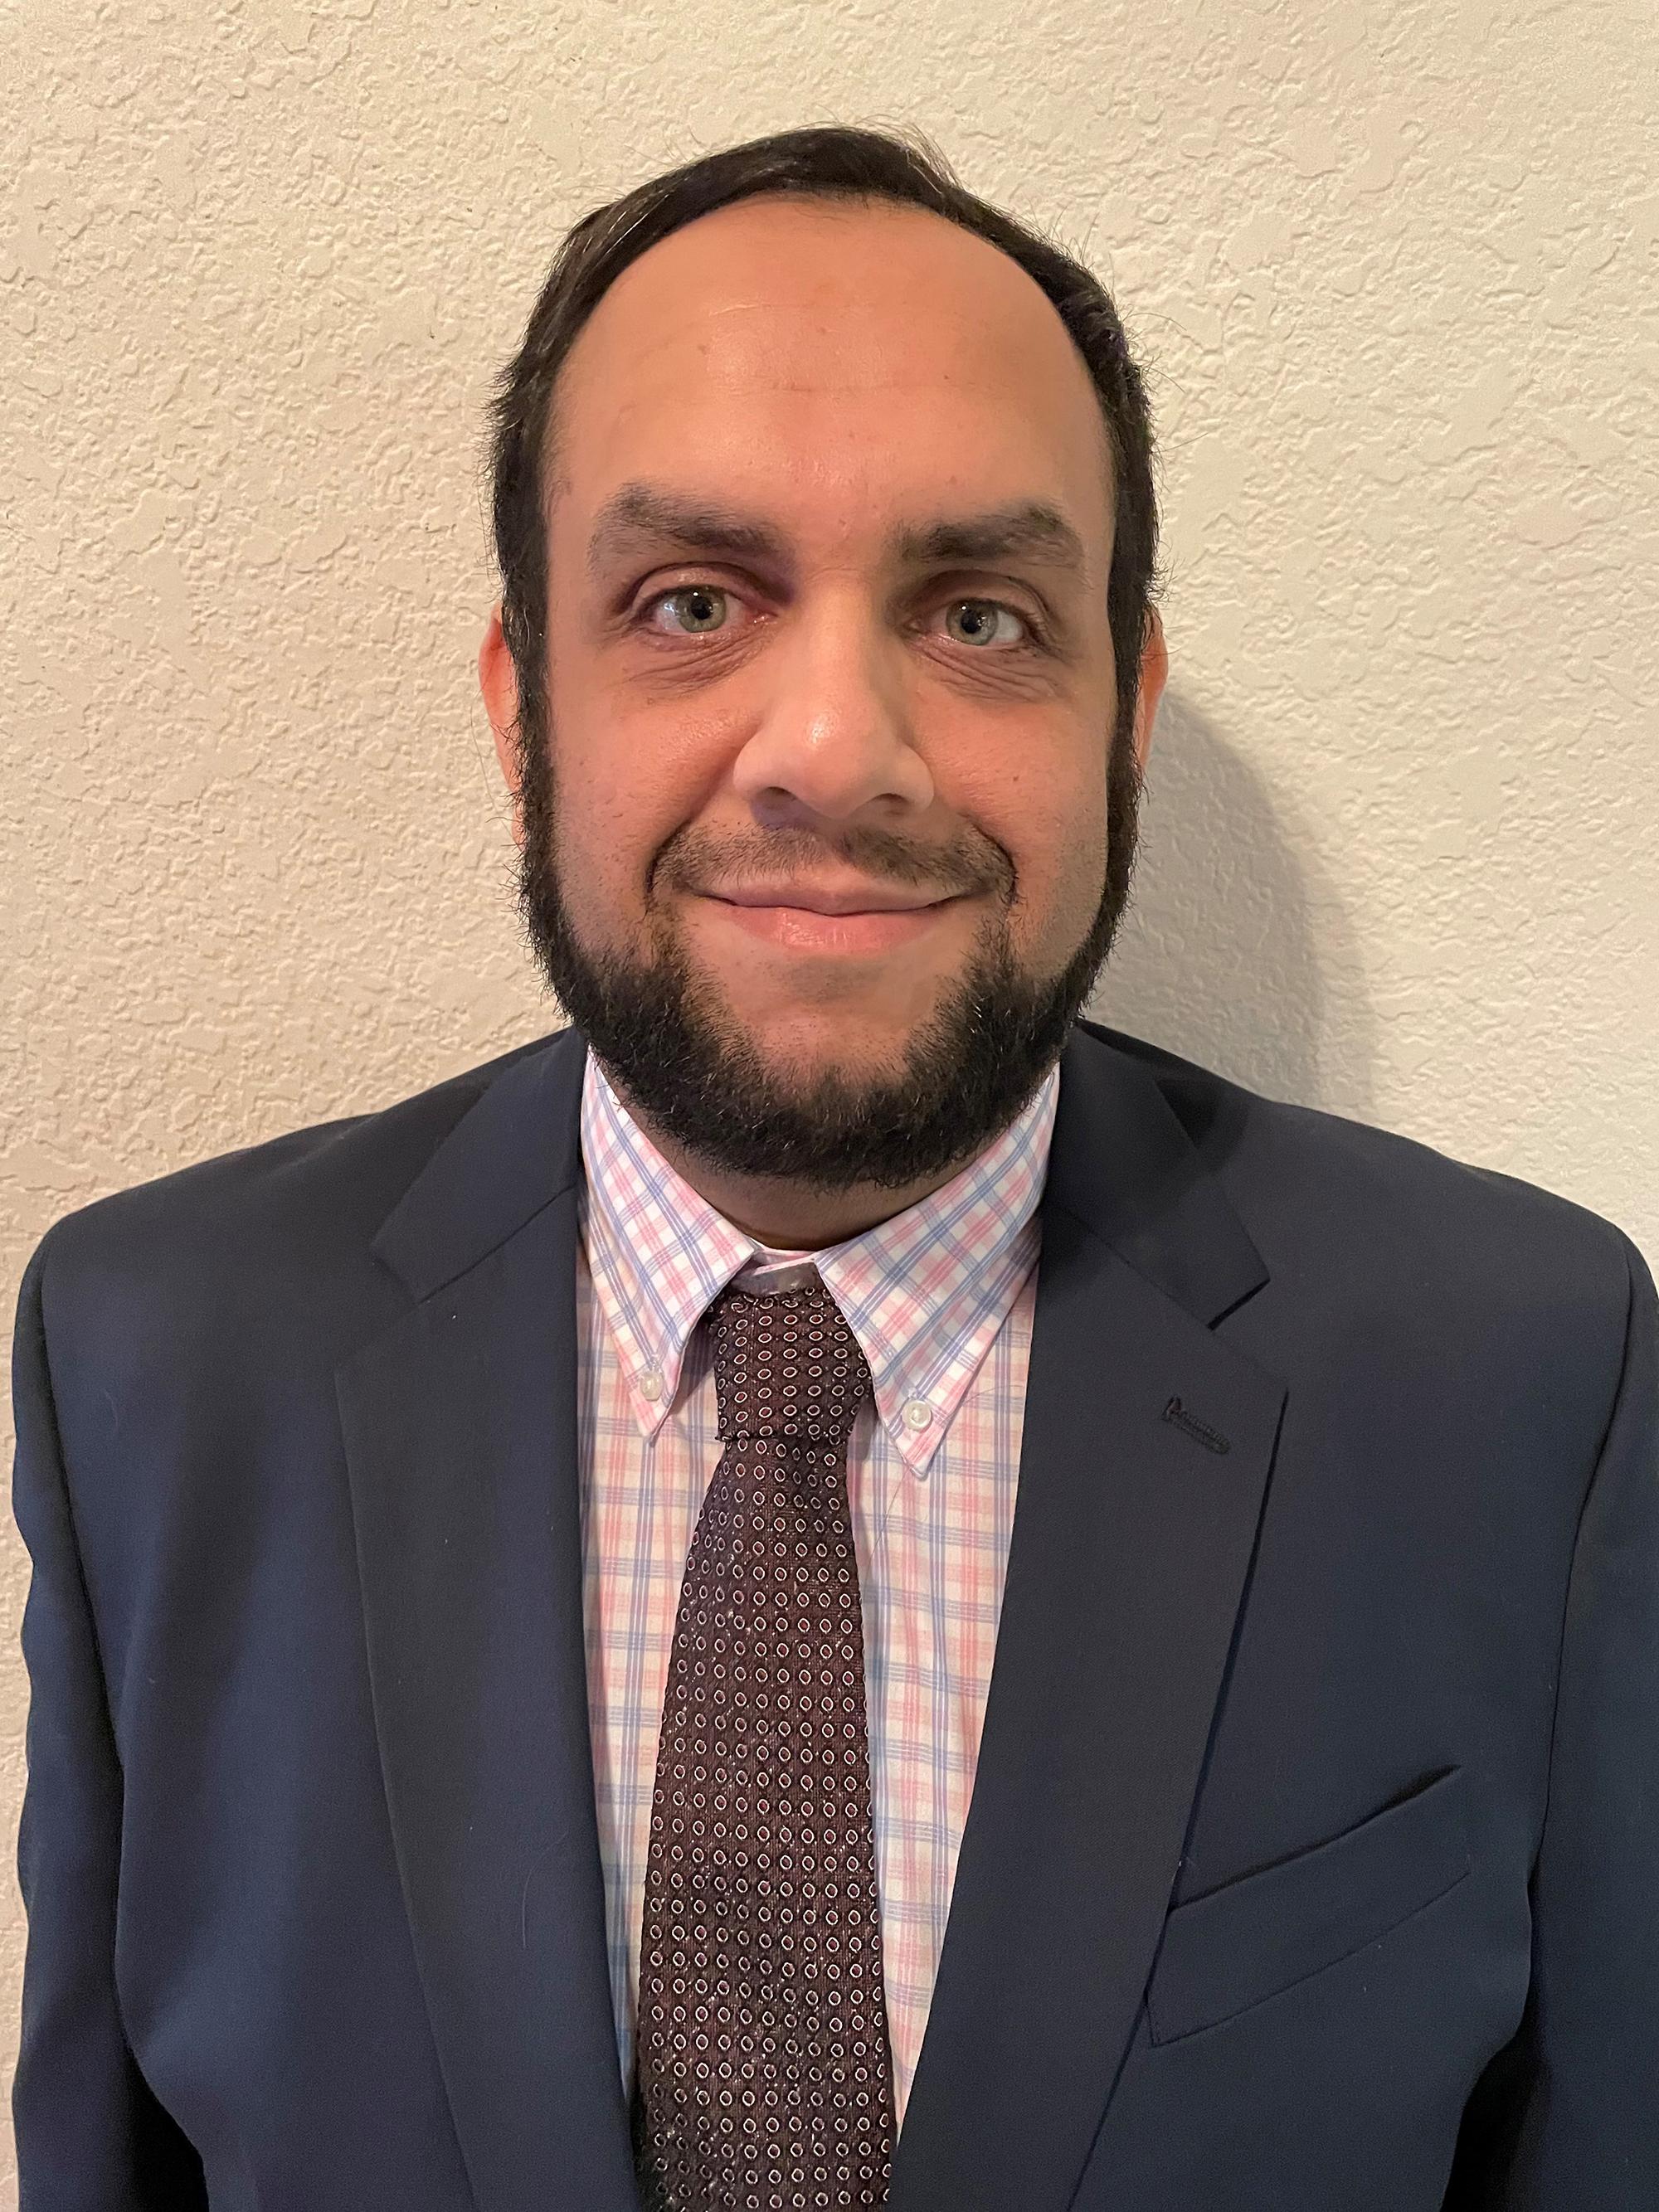 Image of Adnan Aslam